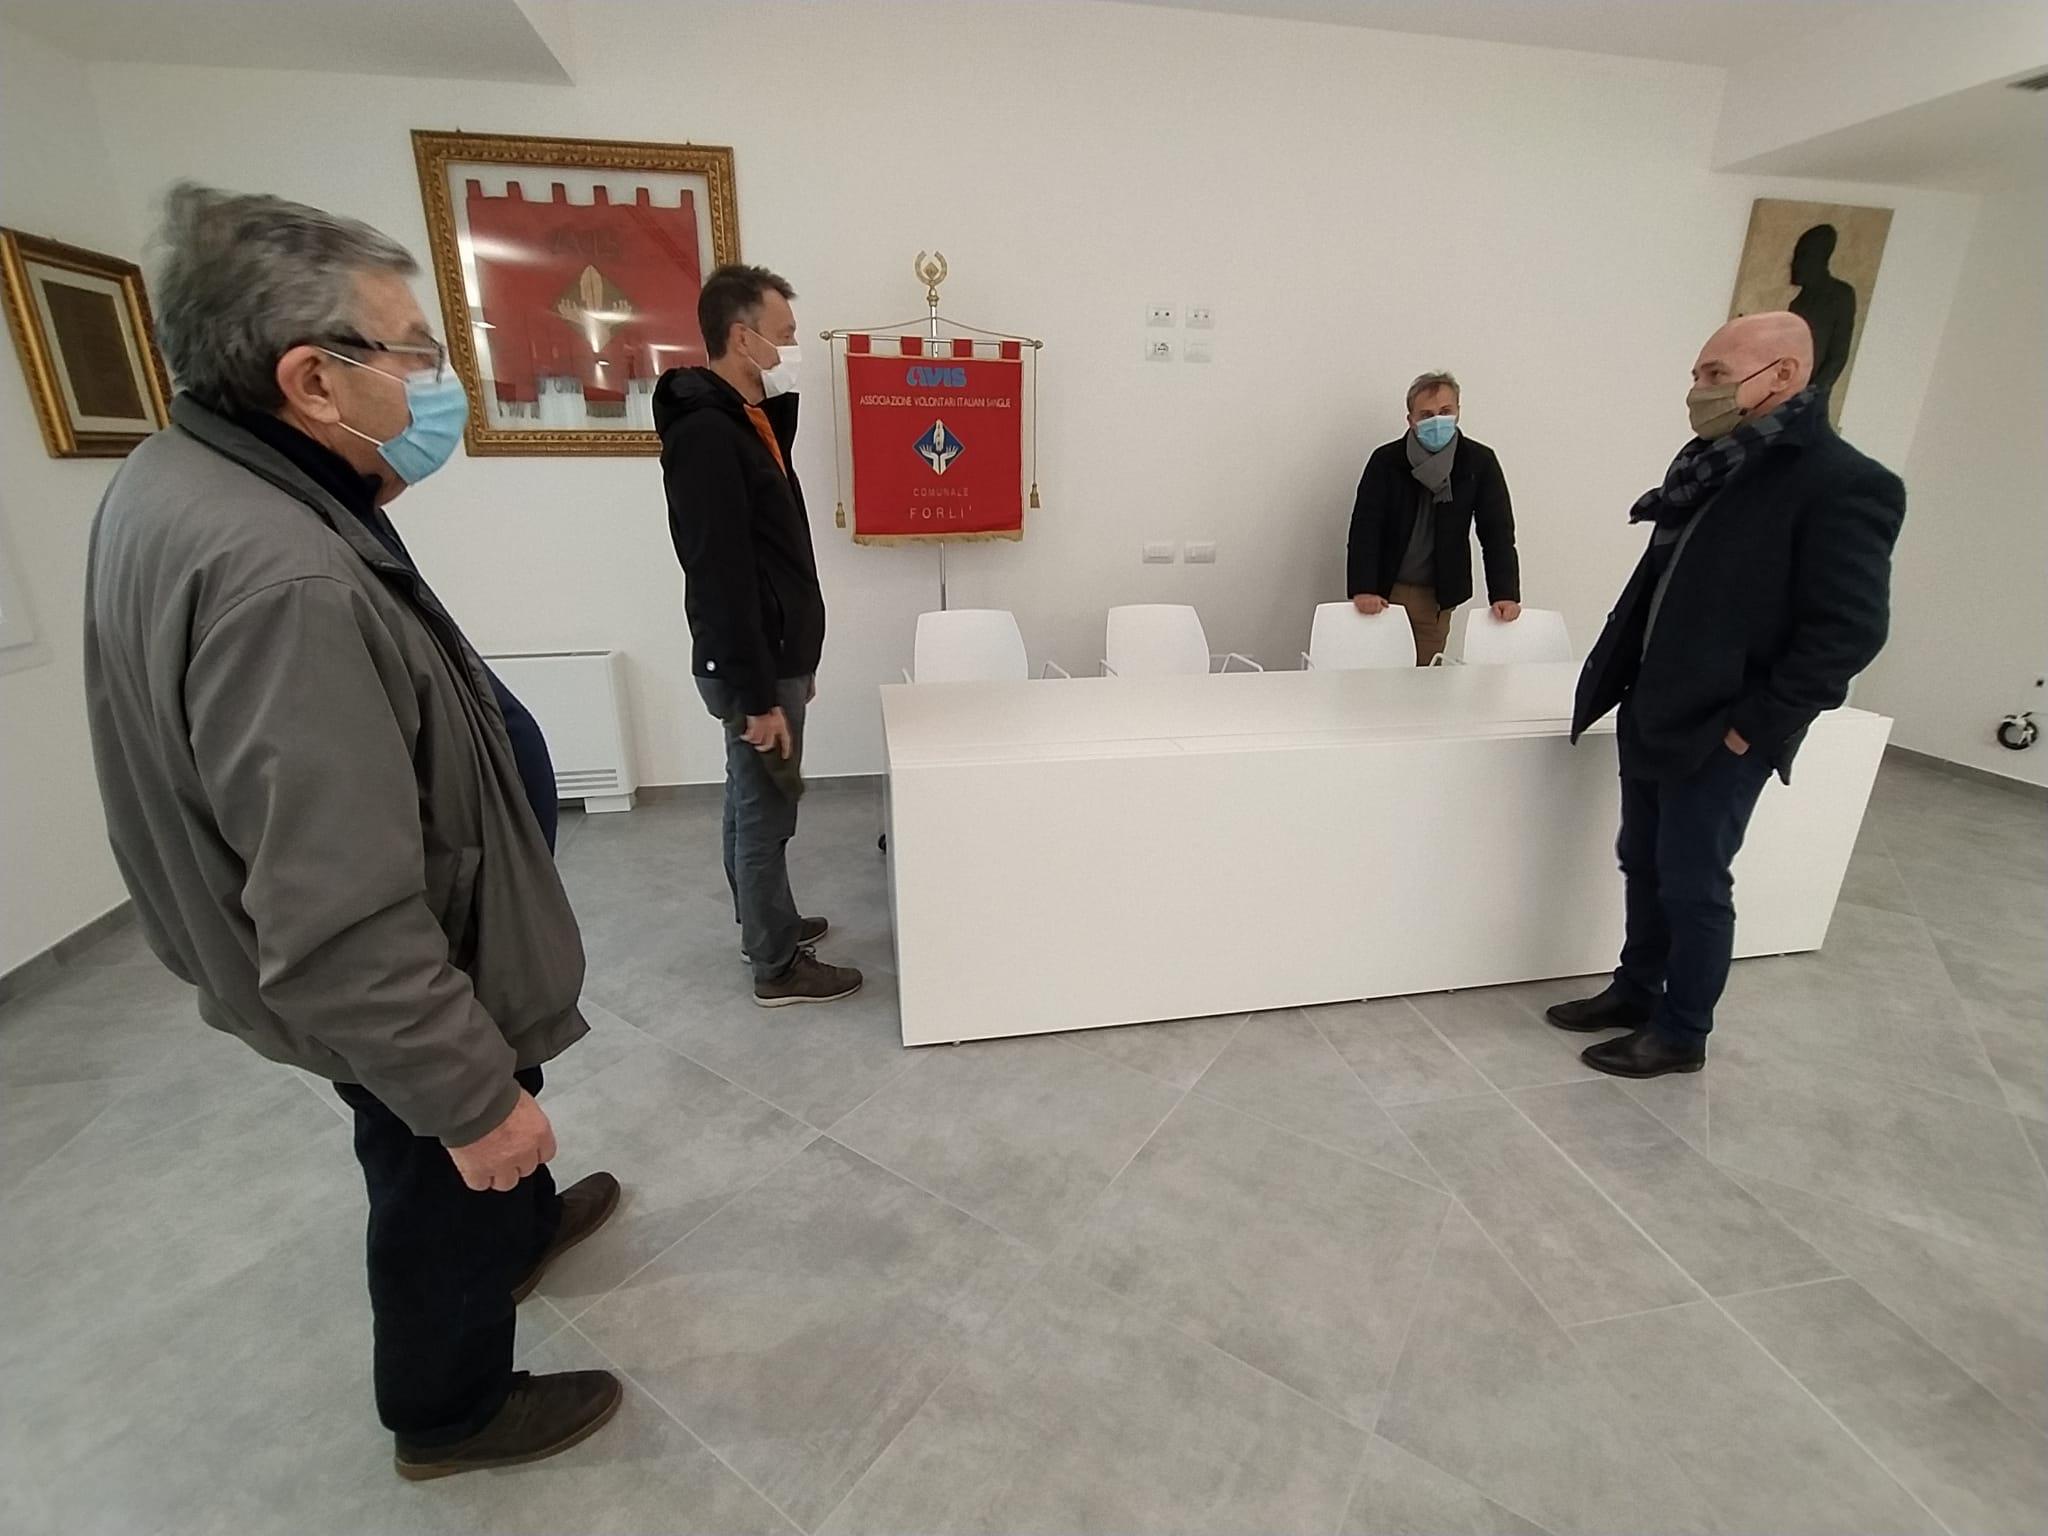 La sala riunioni nella palazzina Avis da dove sarà possibile trasmettere in streaming